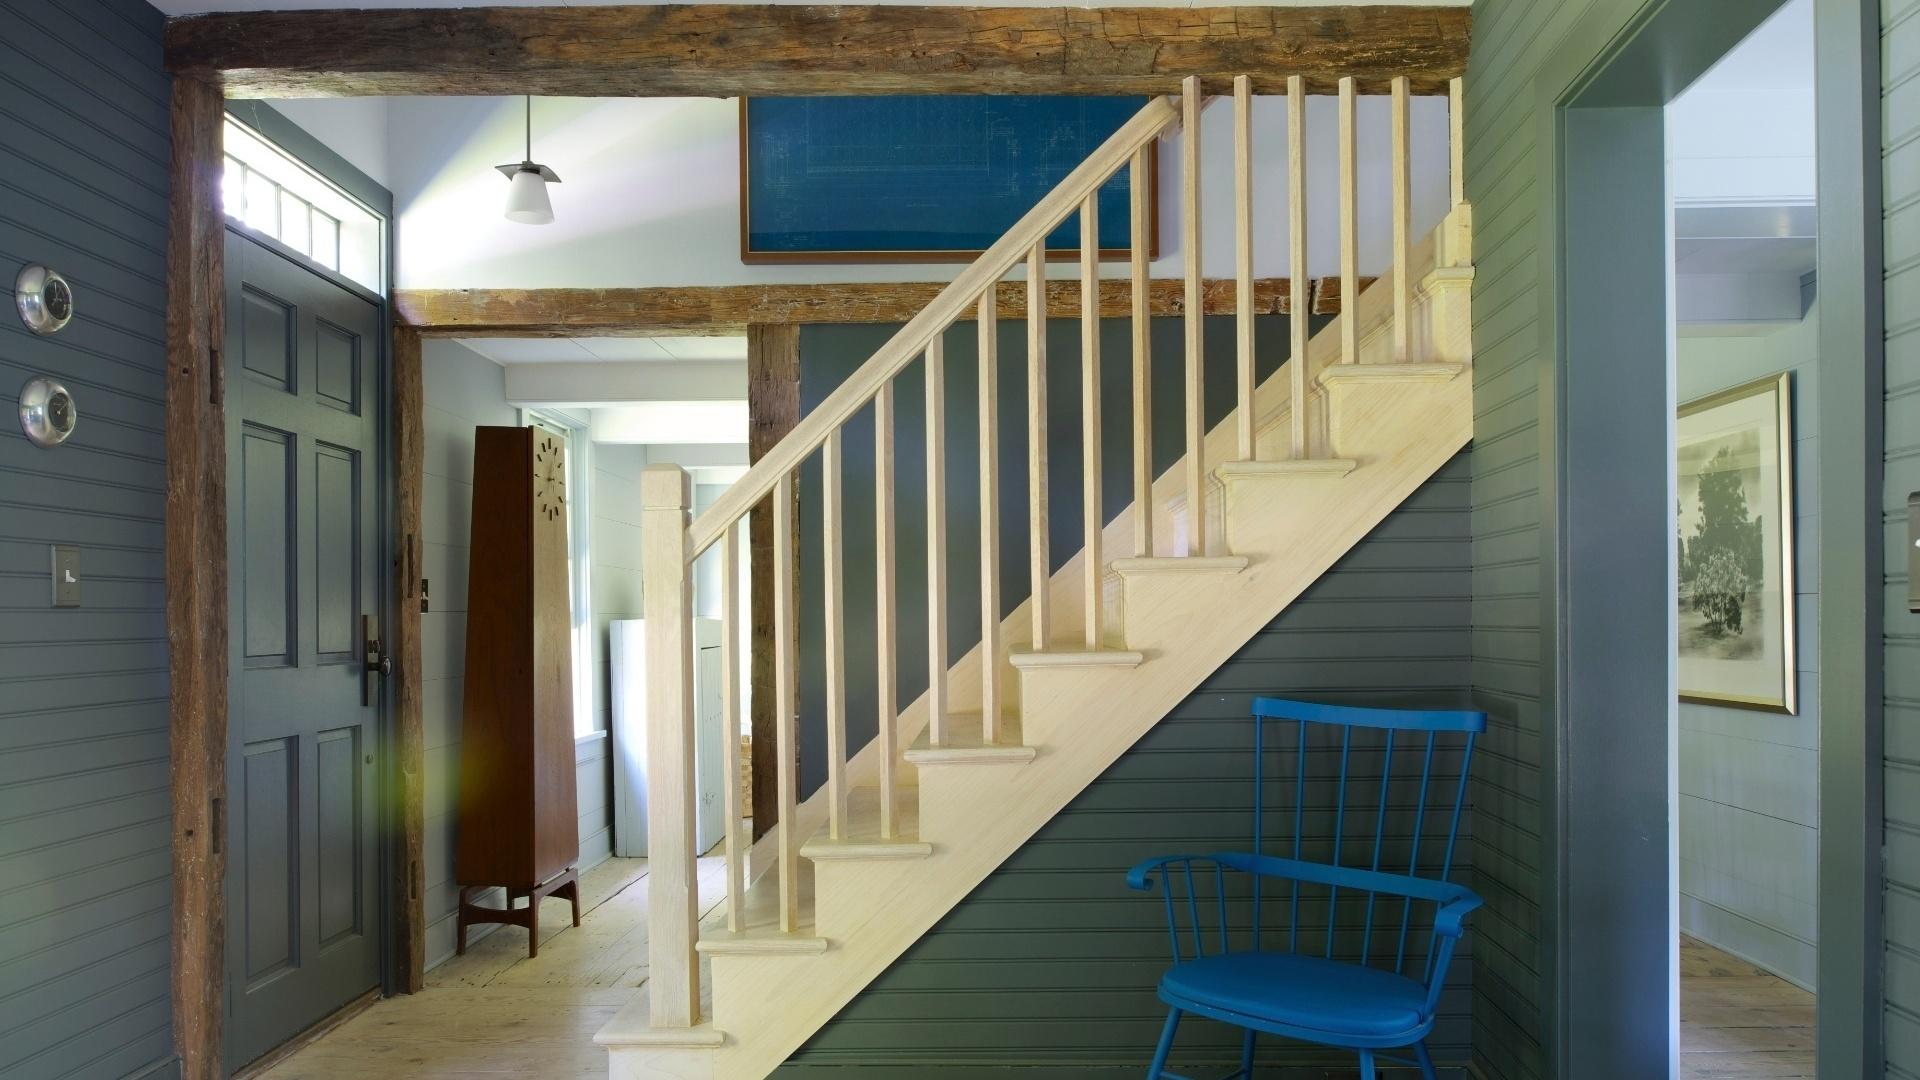 No foyer junto à escada, as paredes de madeirinha ganharam pintura cinzenta. Ali, as vigas robustas foram deixadas à mostra. Destaque ainda para a cadeira antiga, modelo Windsor, pintada de azul.